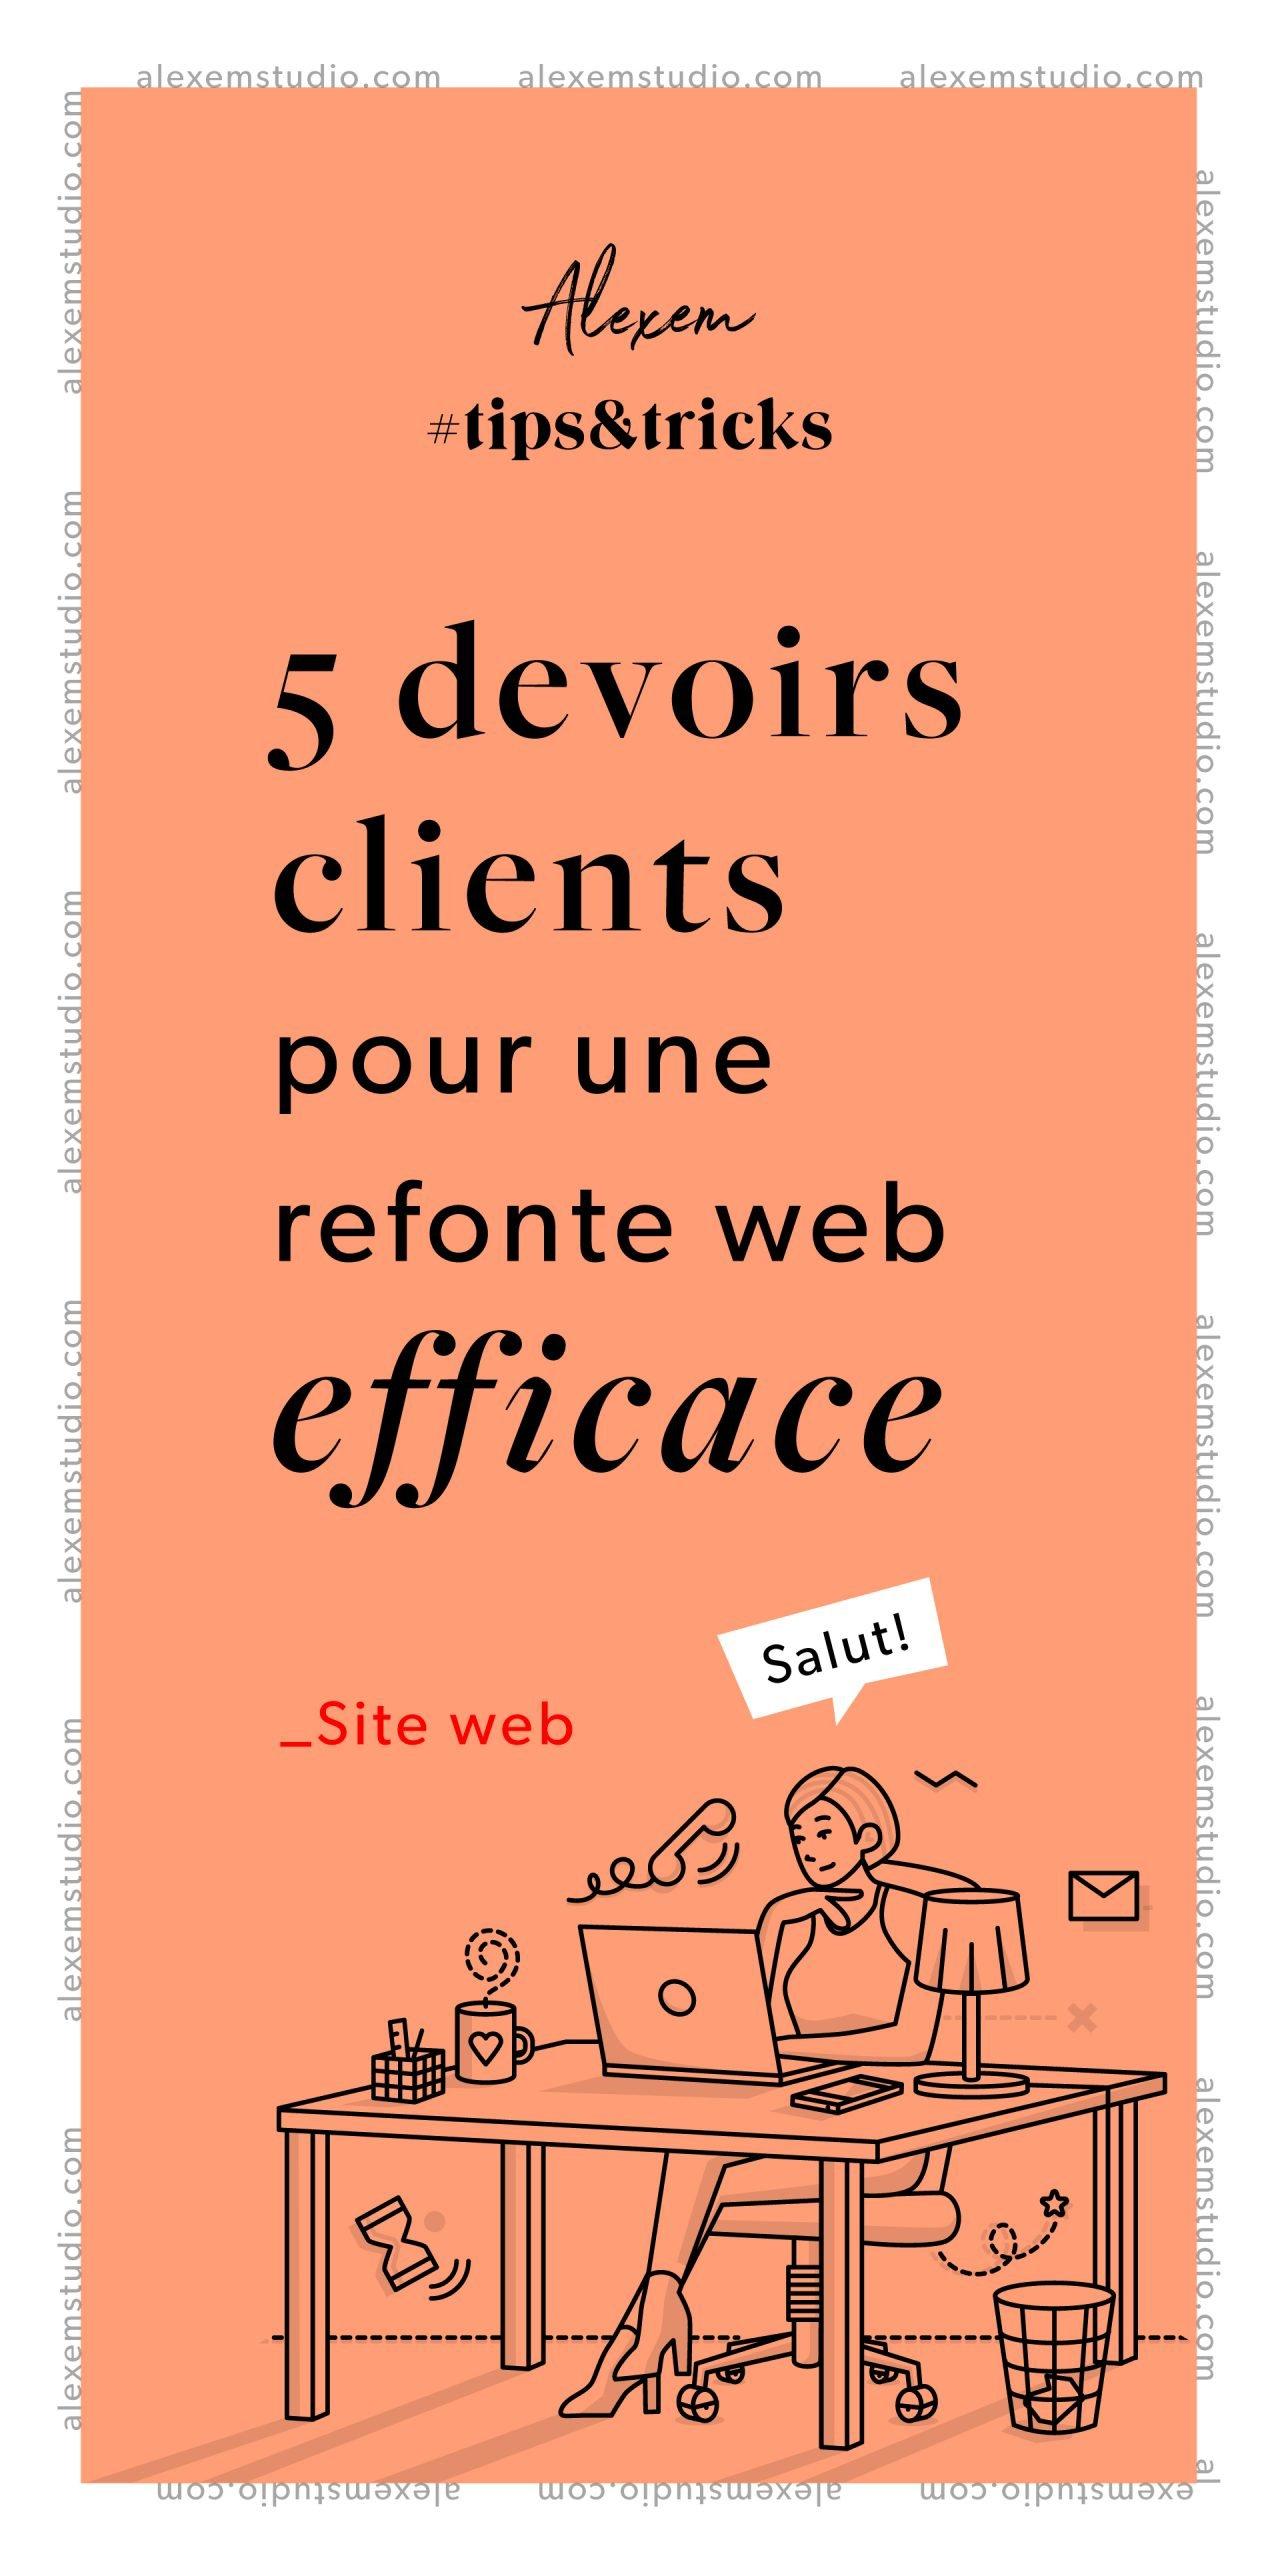 nouveau-site-web-5-devoirs-pour-une-refonte-web-efficace-et-rentable